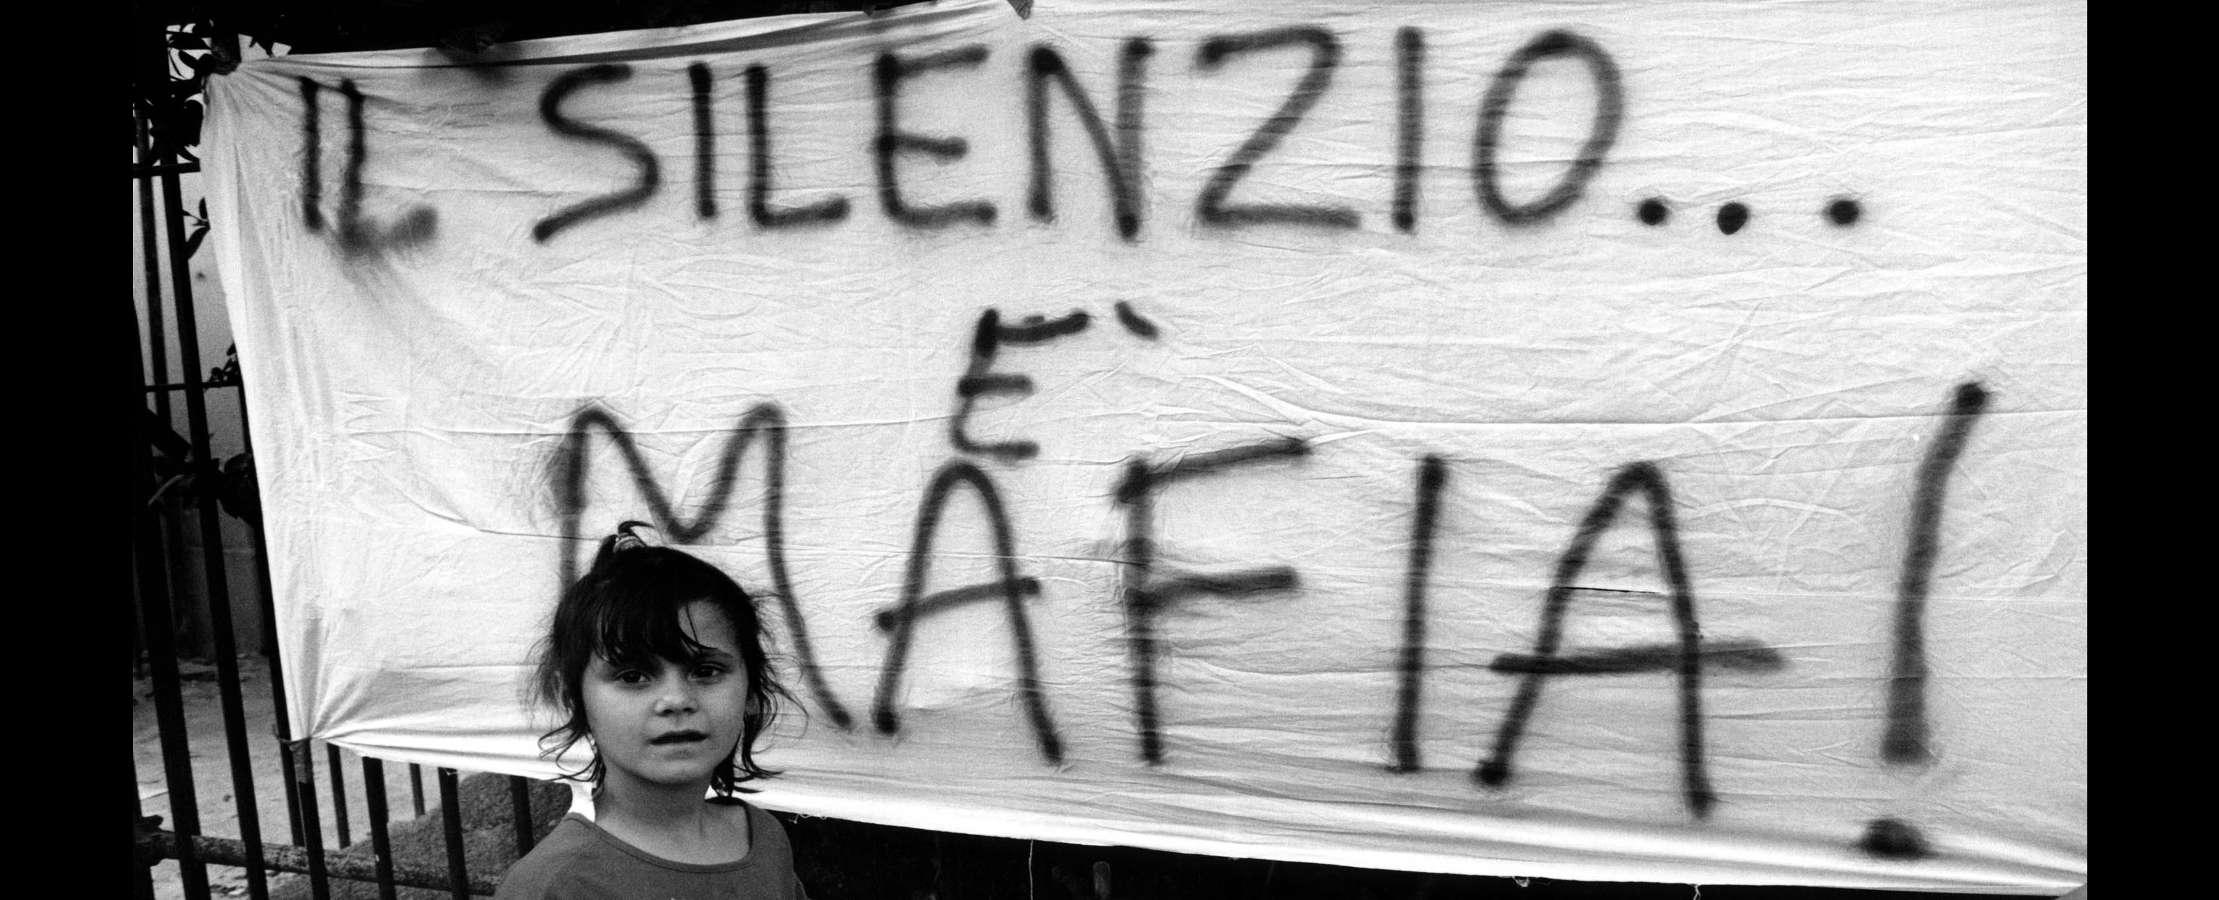 silenzio mafia